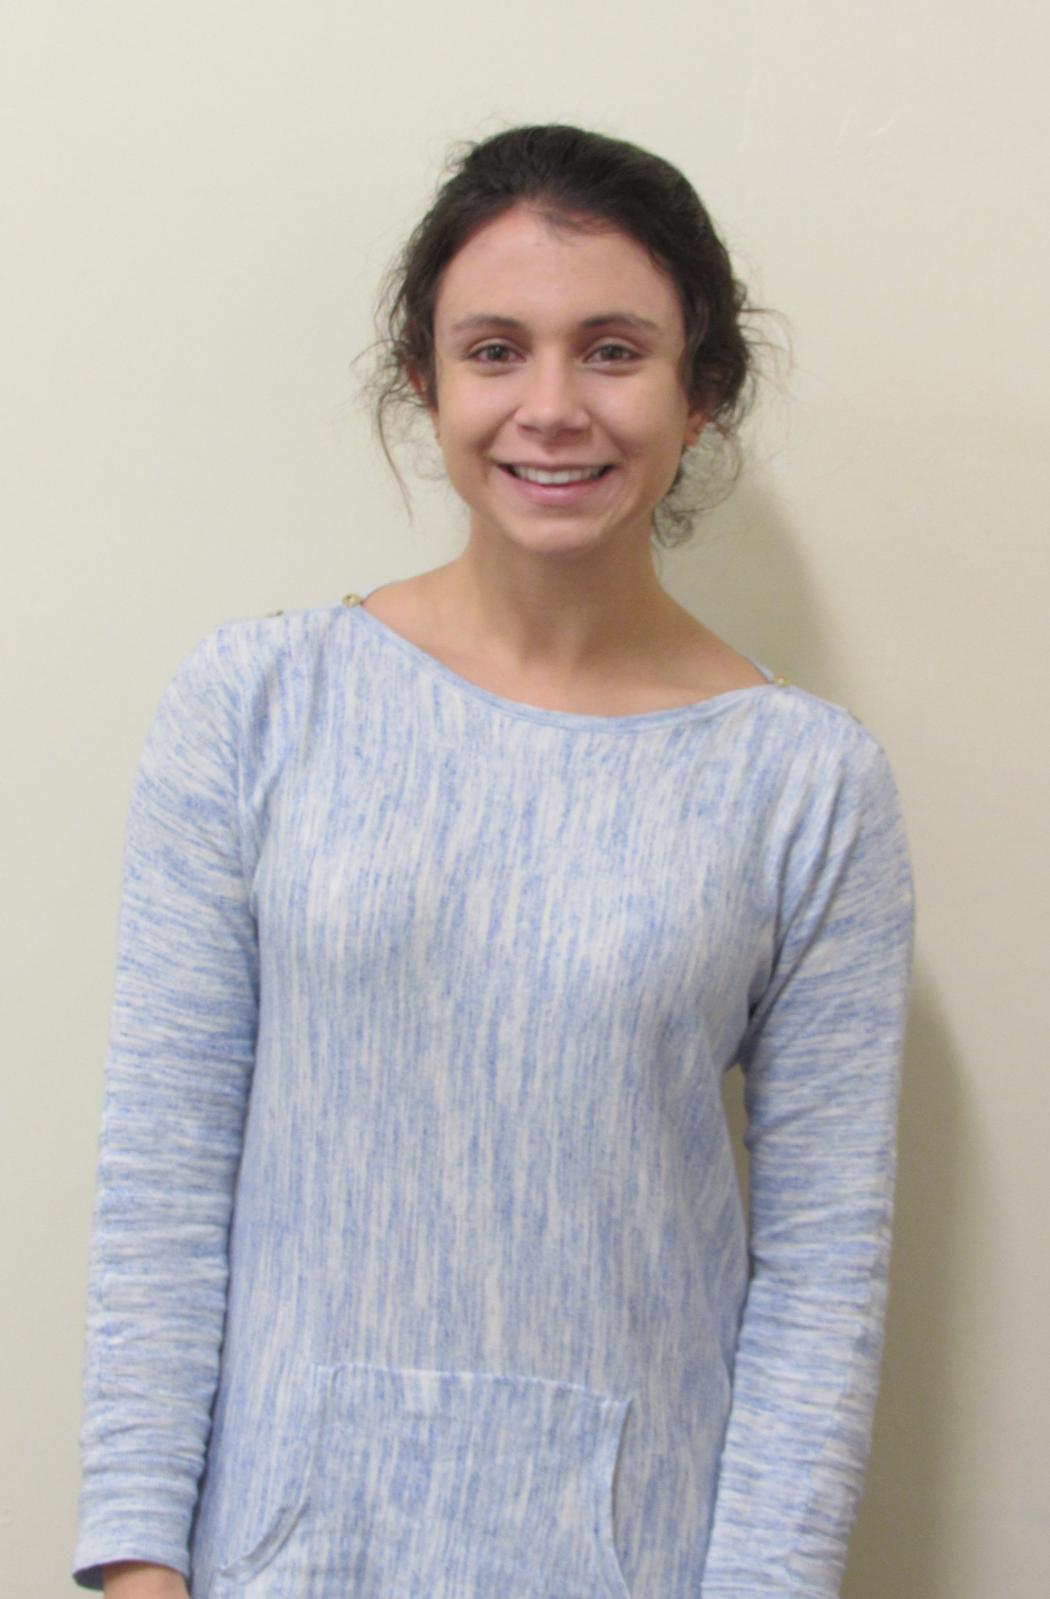 Kayla Jebaily - Director of Philanthropy